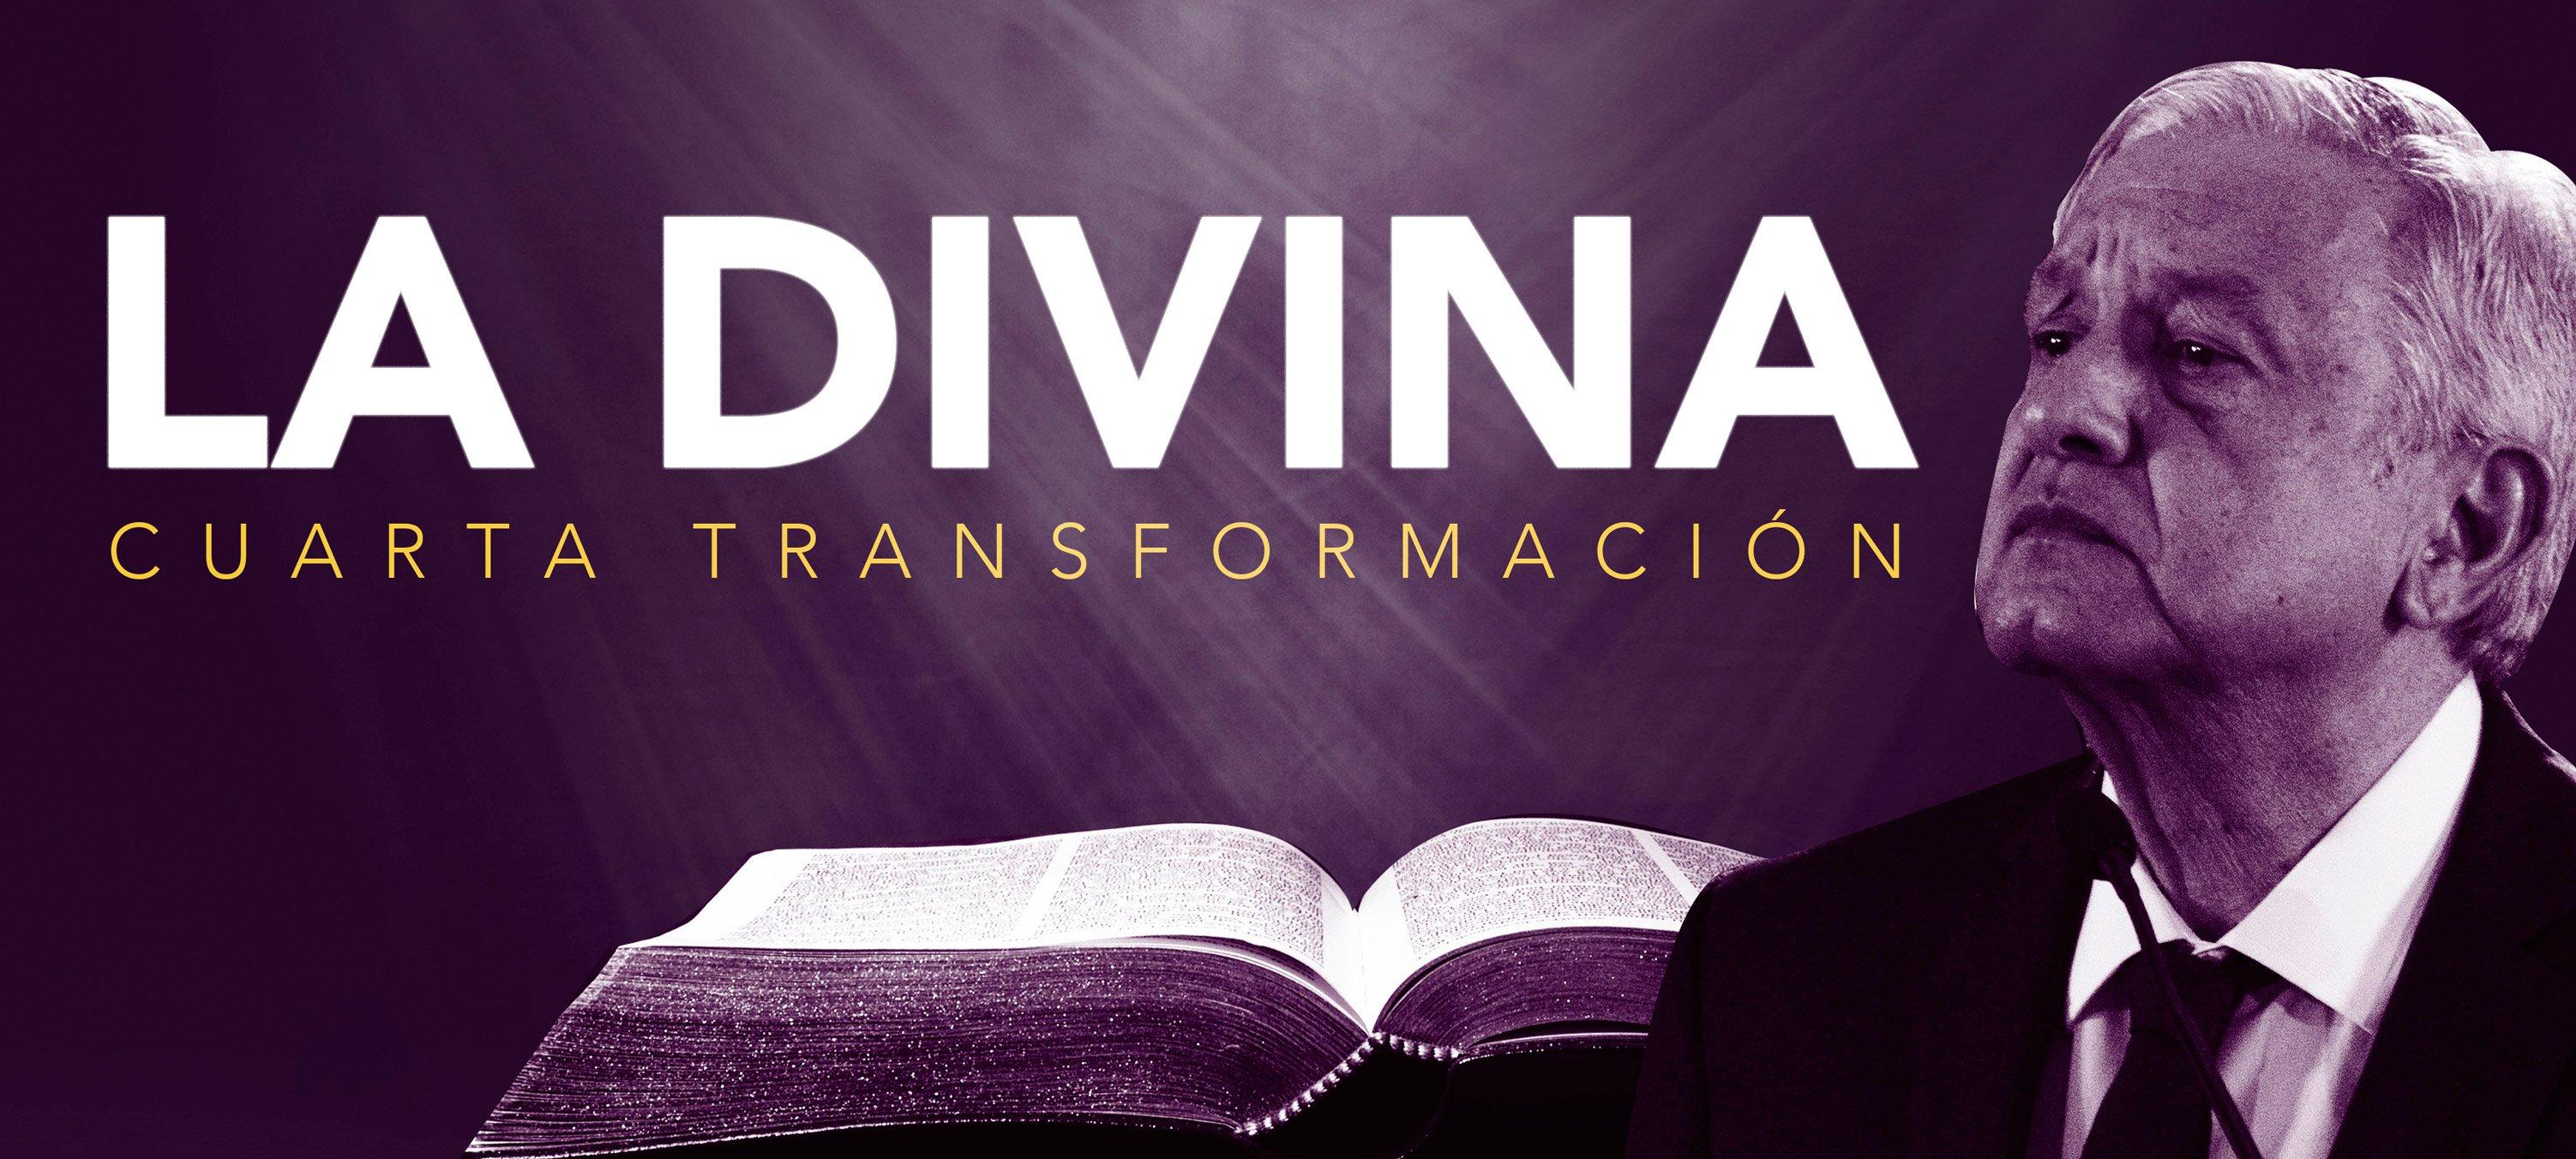 ESPECIAL | LA 'DIVINA' CUARTA TRANSFORMACIÓN: AMLO y el poderoso grupo cristiano que desde EU busca aliados para gobernar con la Biblia